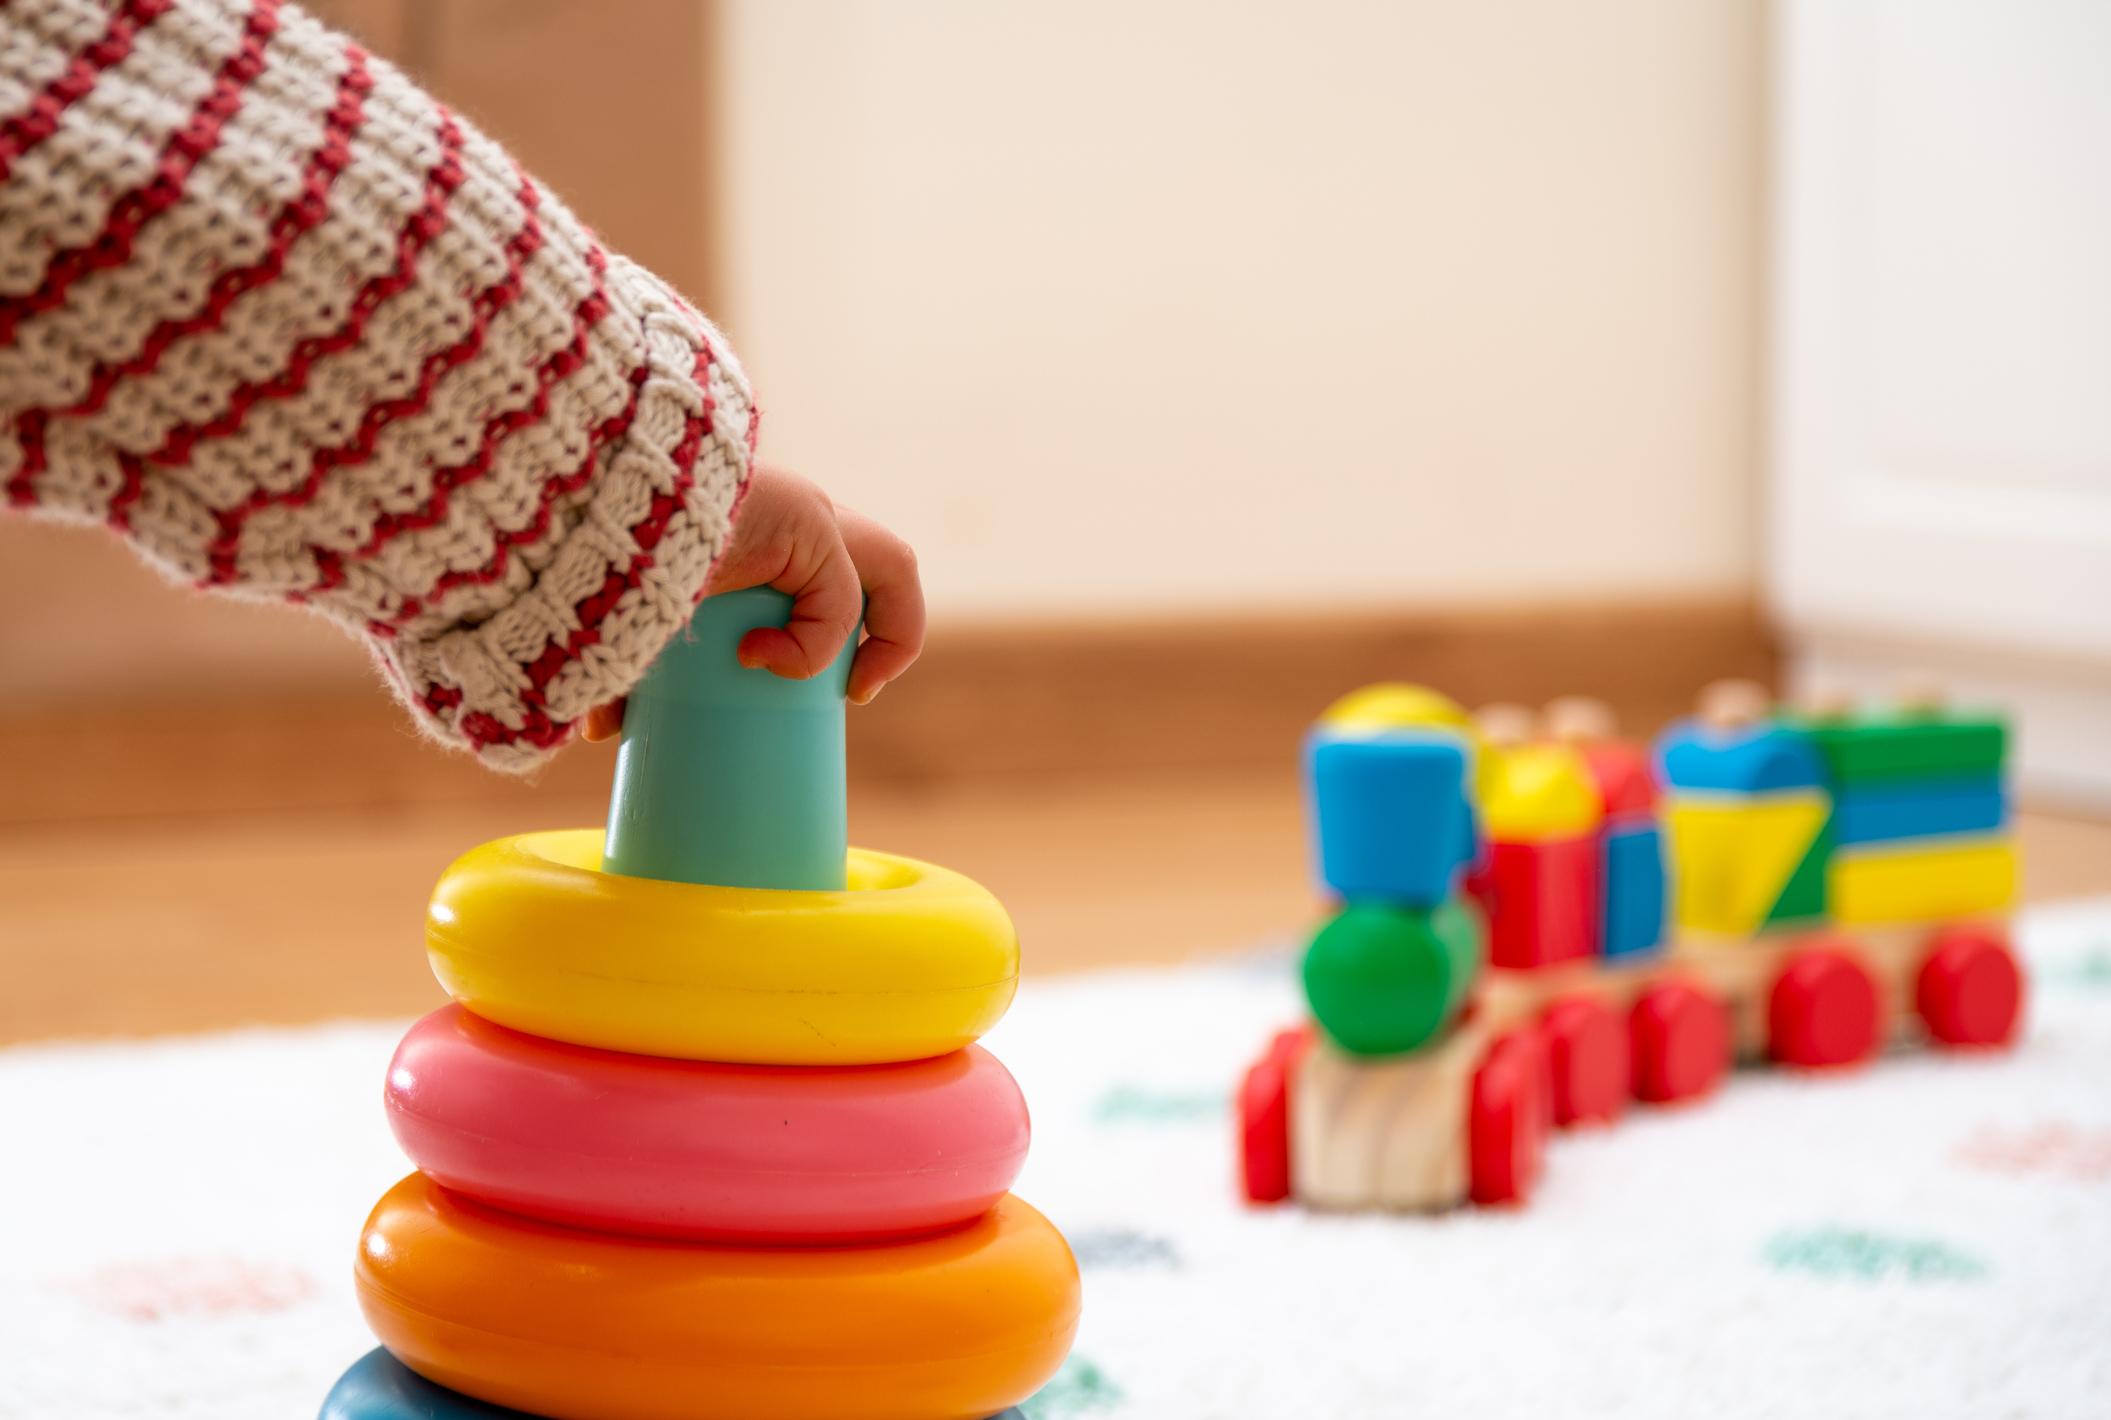 Spelletjes spelen is leuk en leerzaam